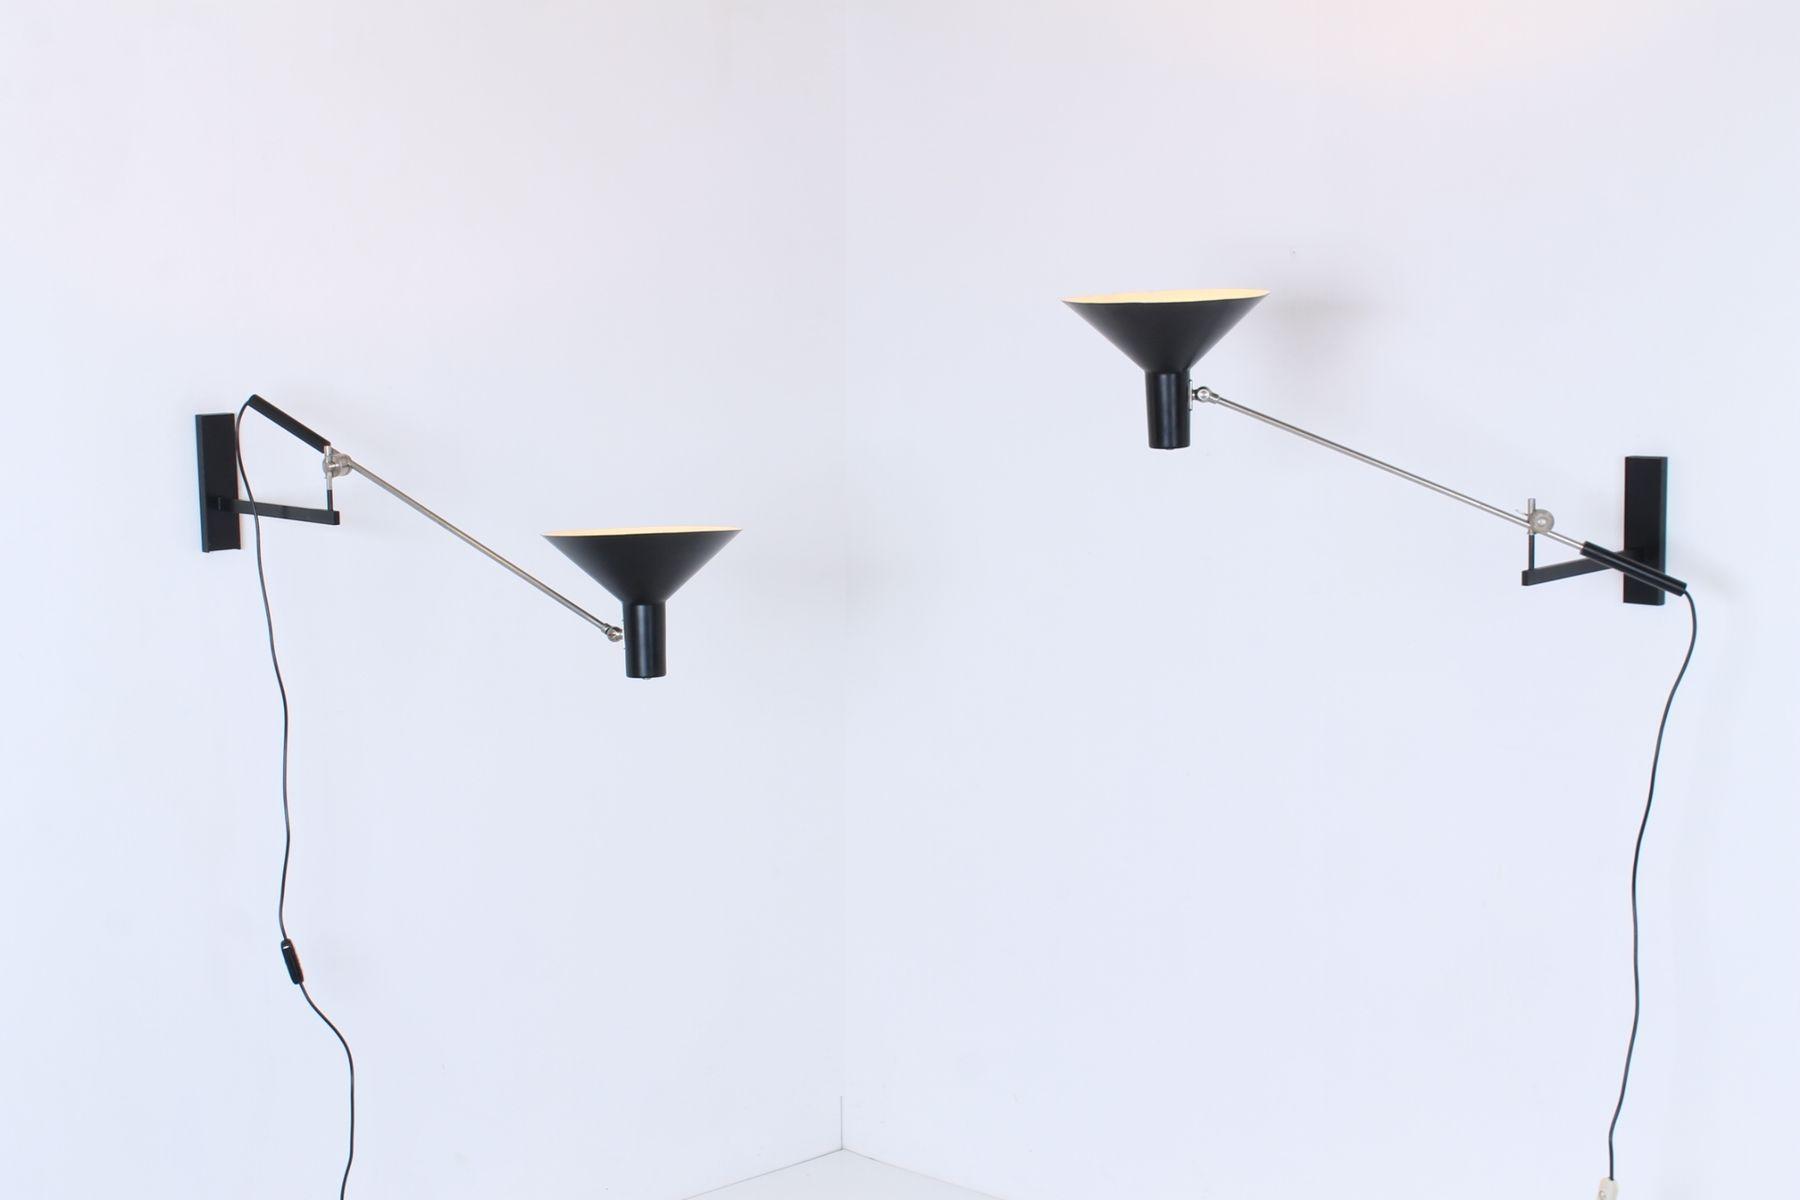 Vintage Adjustable Black 7105 Counterbalance Wall Lights by J.J.M. Hoogervorst for Anvia, Set of ...